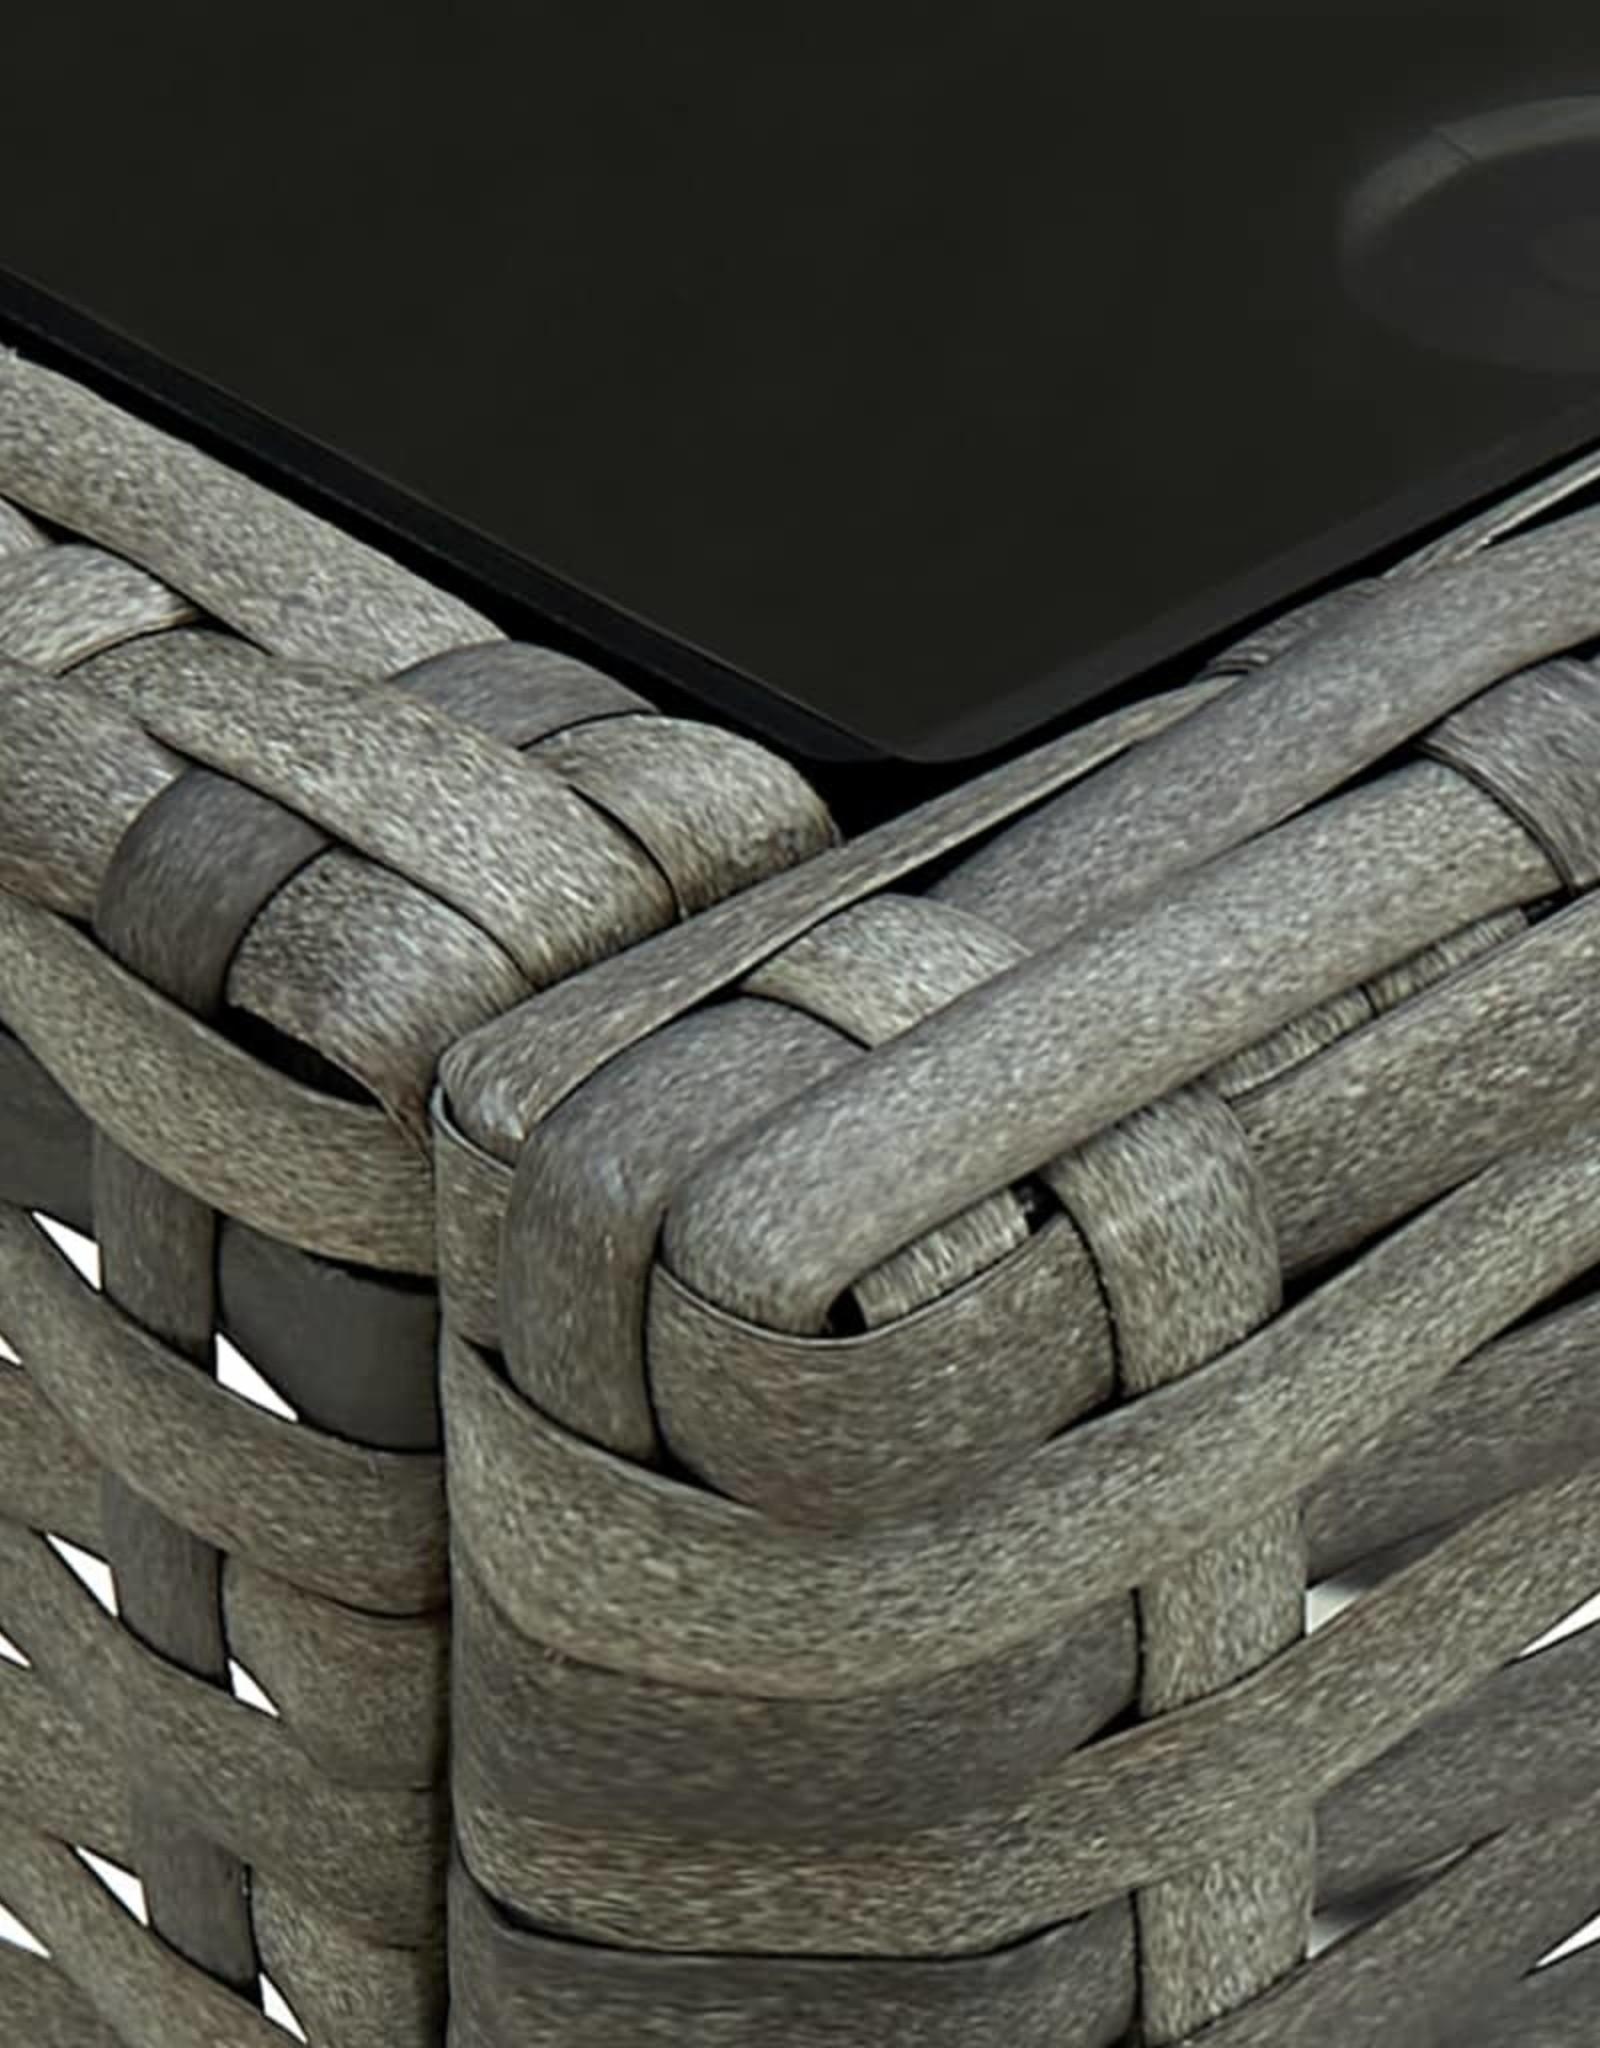 3-delige Bistroset met kussens poly rattan grijs